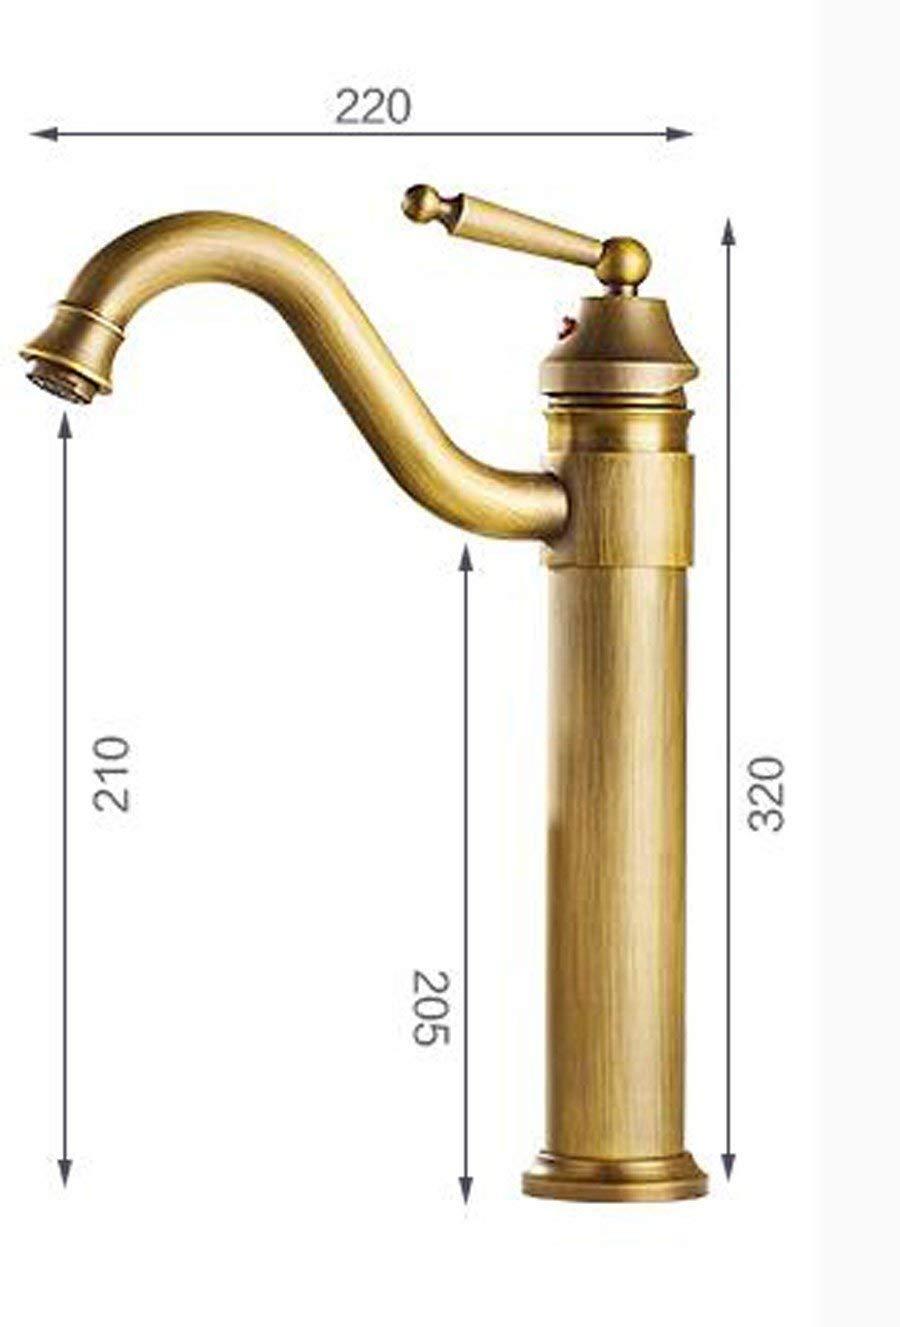 JingJingnet 洗面台の蛇口タップ浴室のシンクの蛇口すべての銅の骨董品の蛇口大面積の洗面台付きの冷たいお湯と洗面台の洗面台レトロクールスイベルフィッティング (Color : C) B07RRTTQ48 C